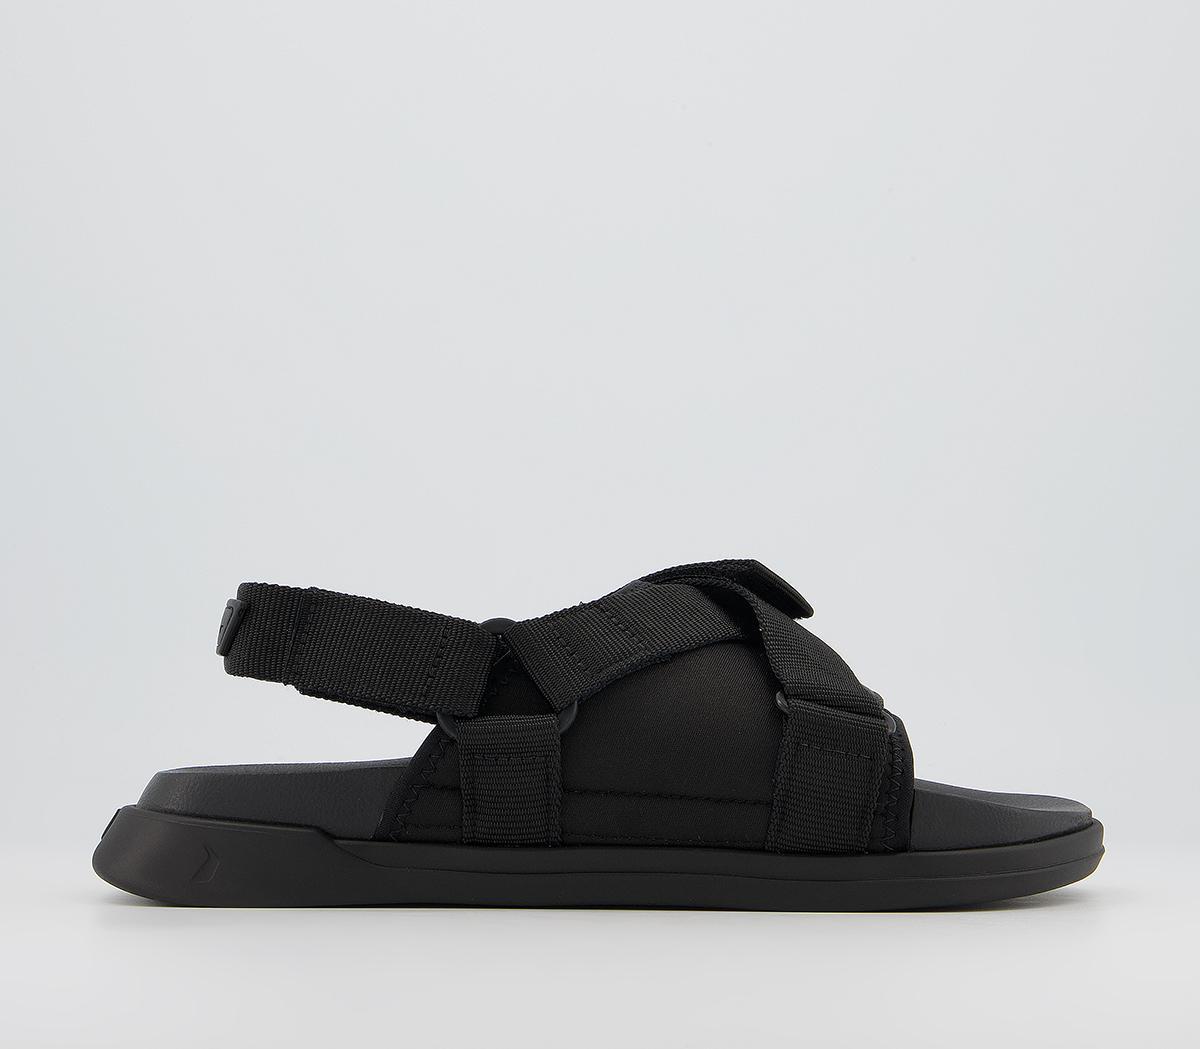 R Next 24 Sandals